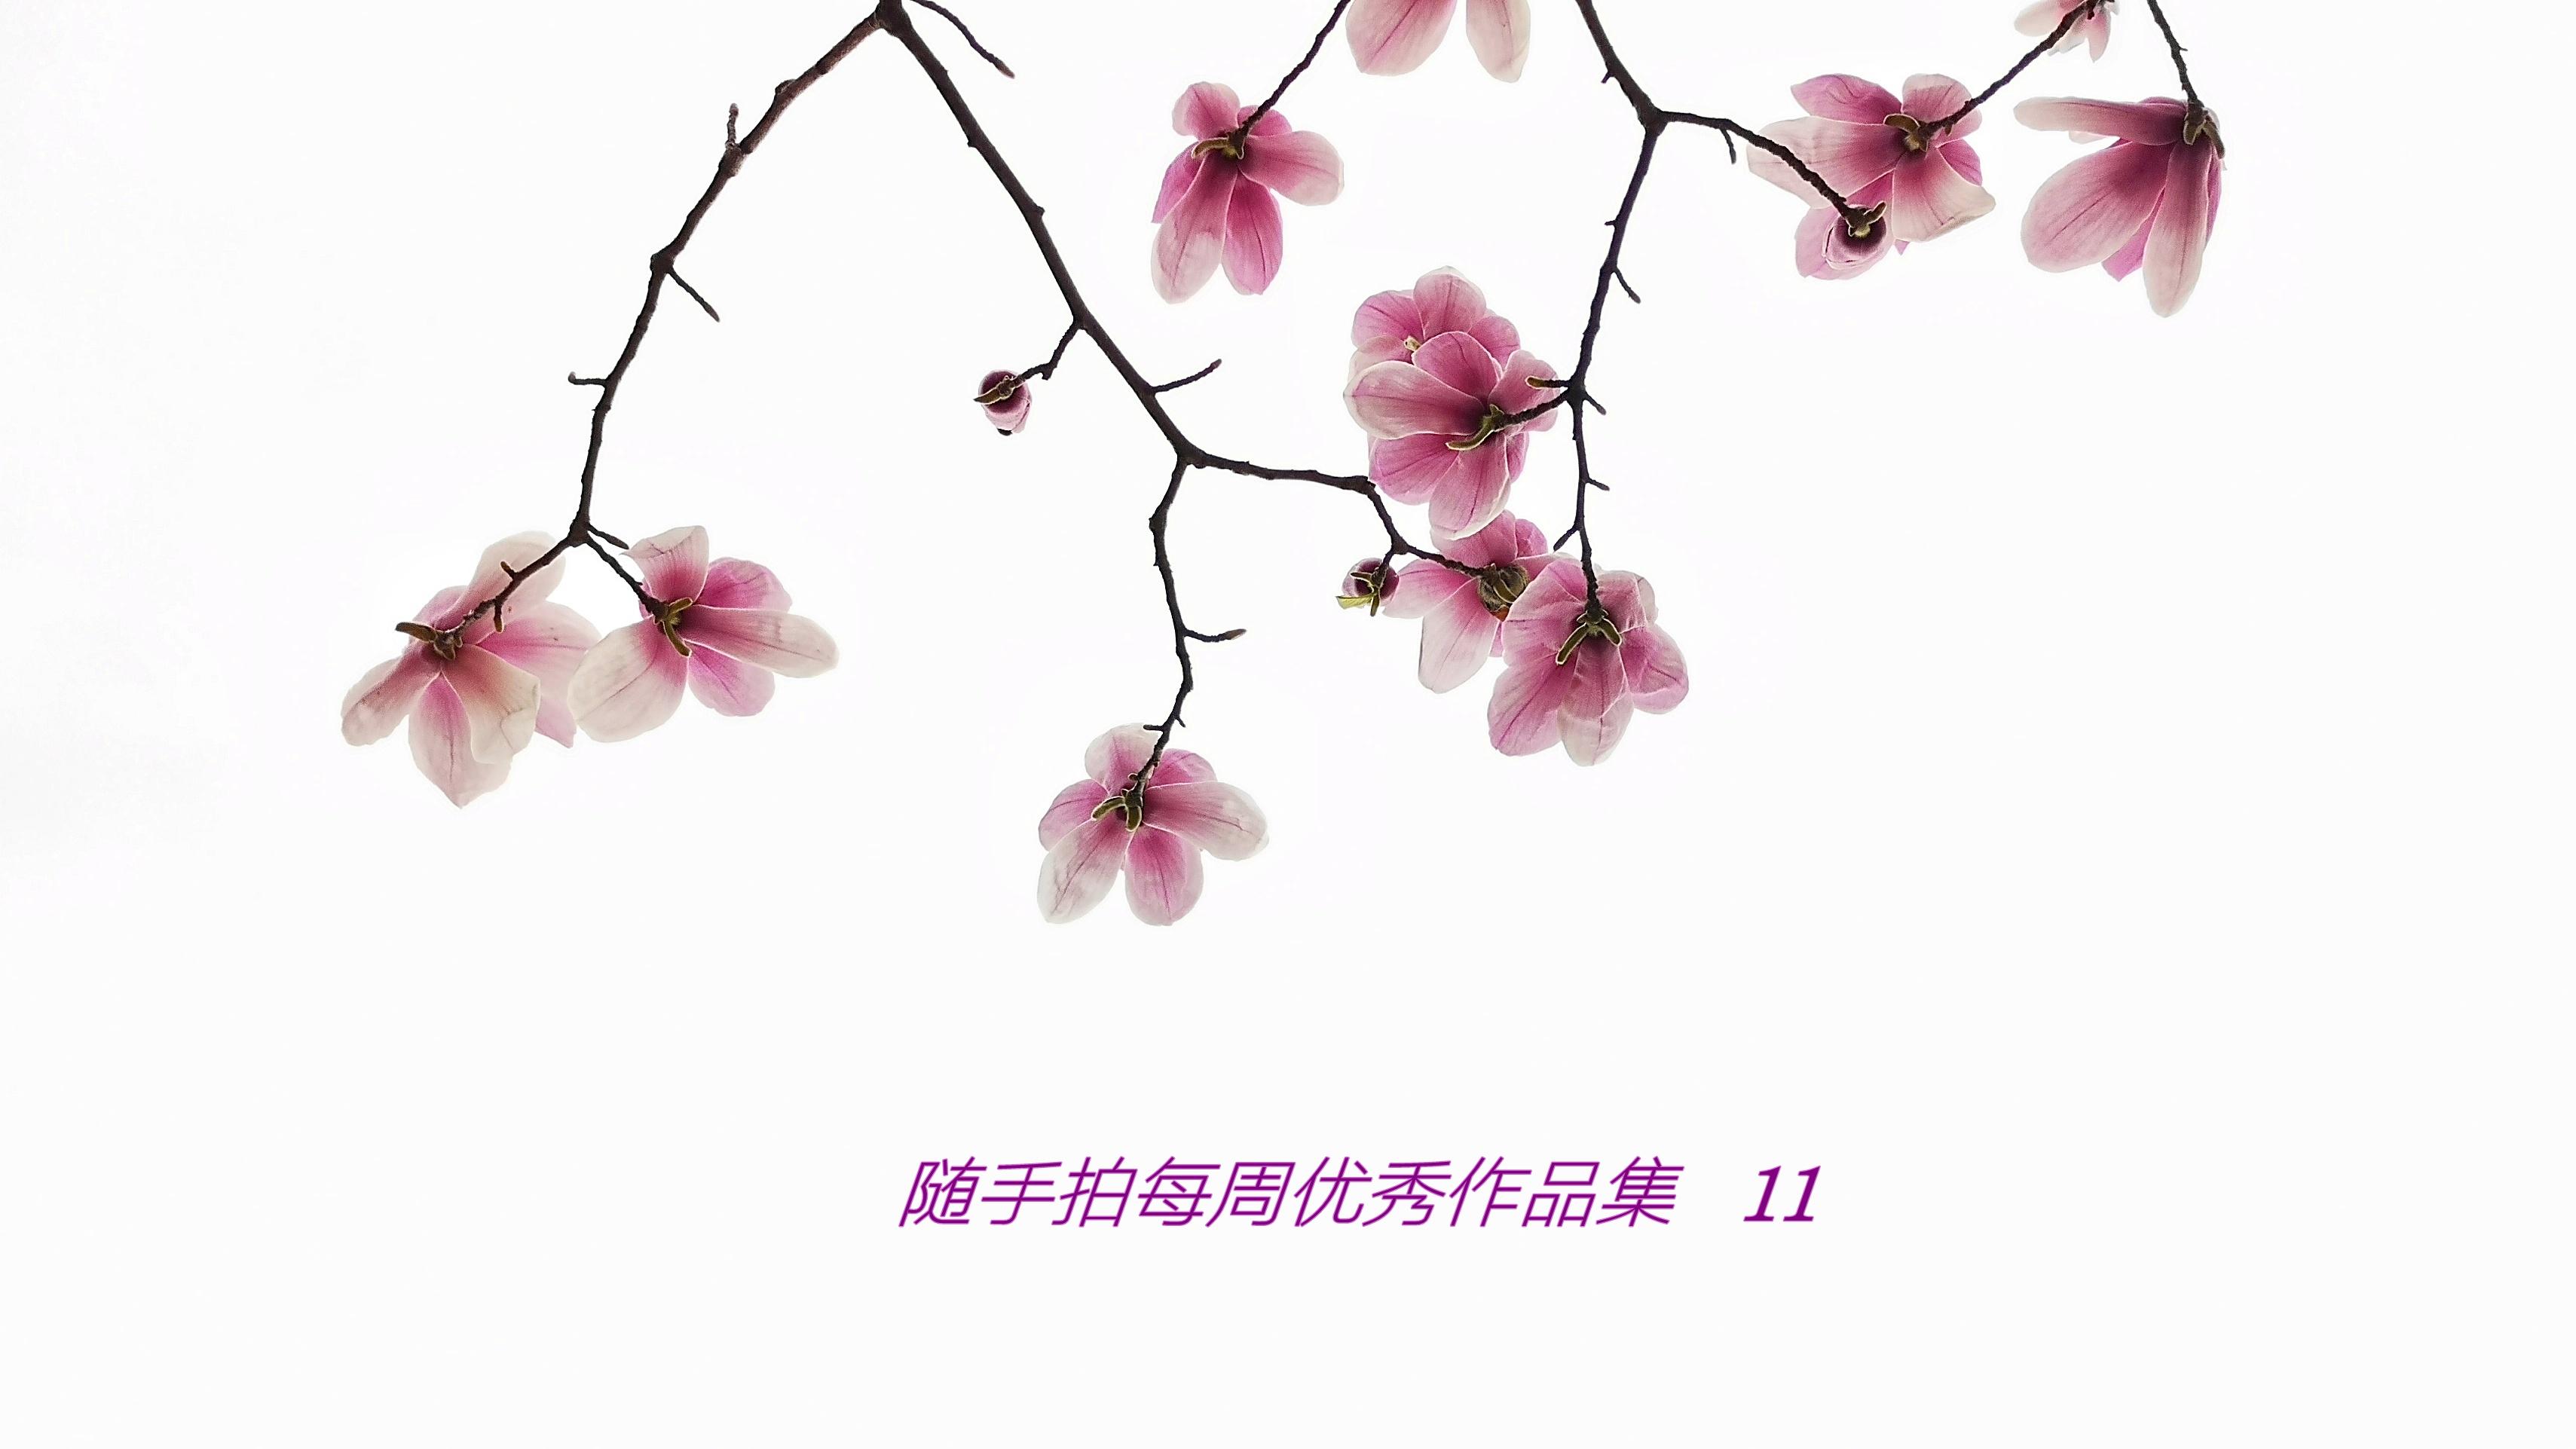 易水寒1971_副本.jpg